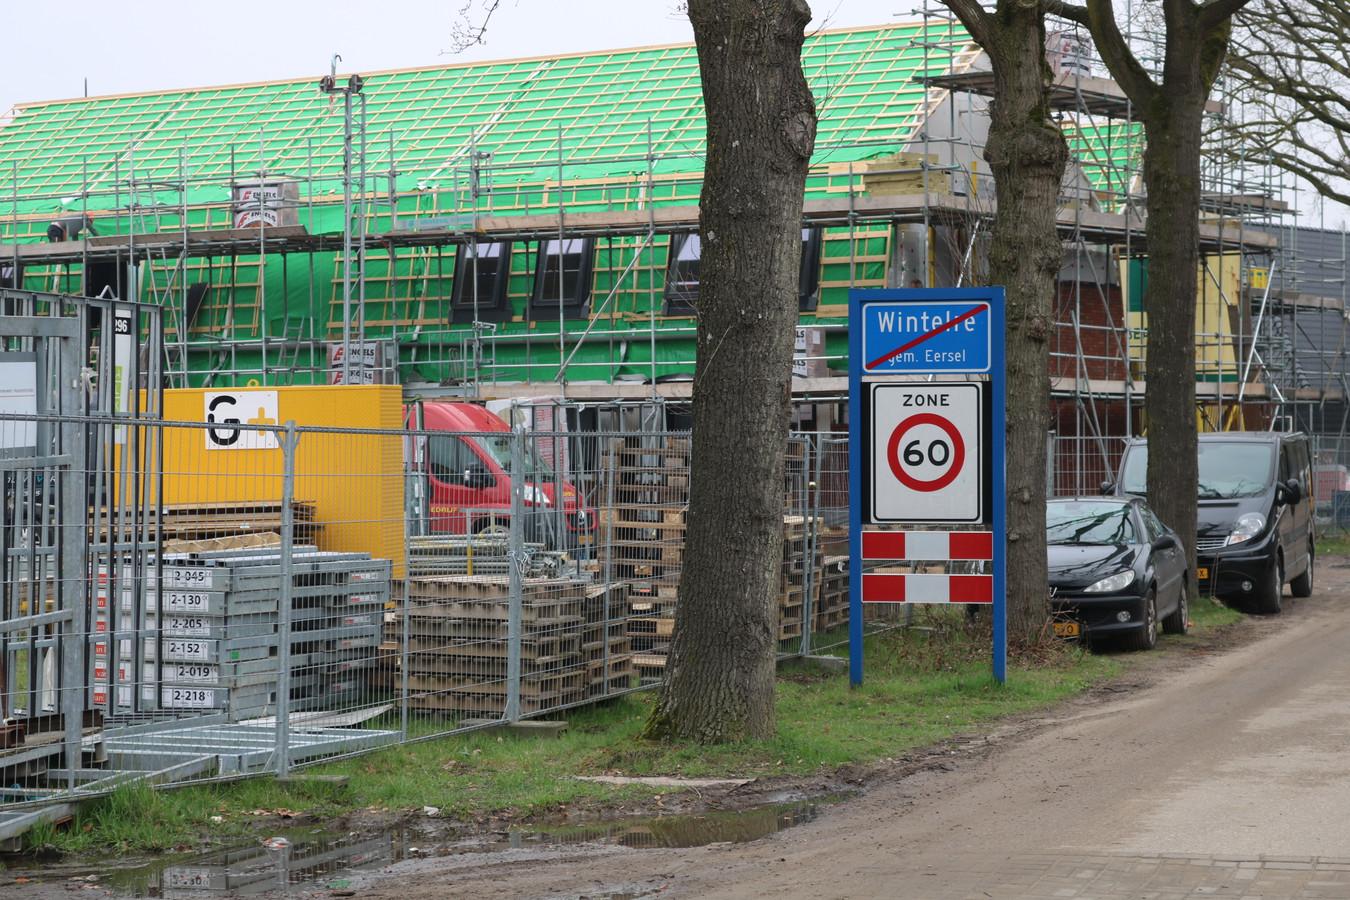 Nieuwbouwwijk Koemeersdijk in Wintelre